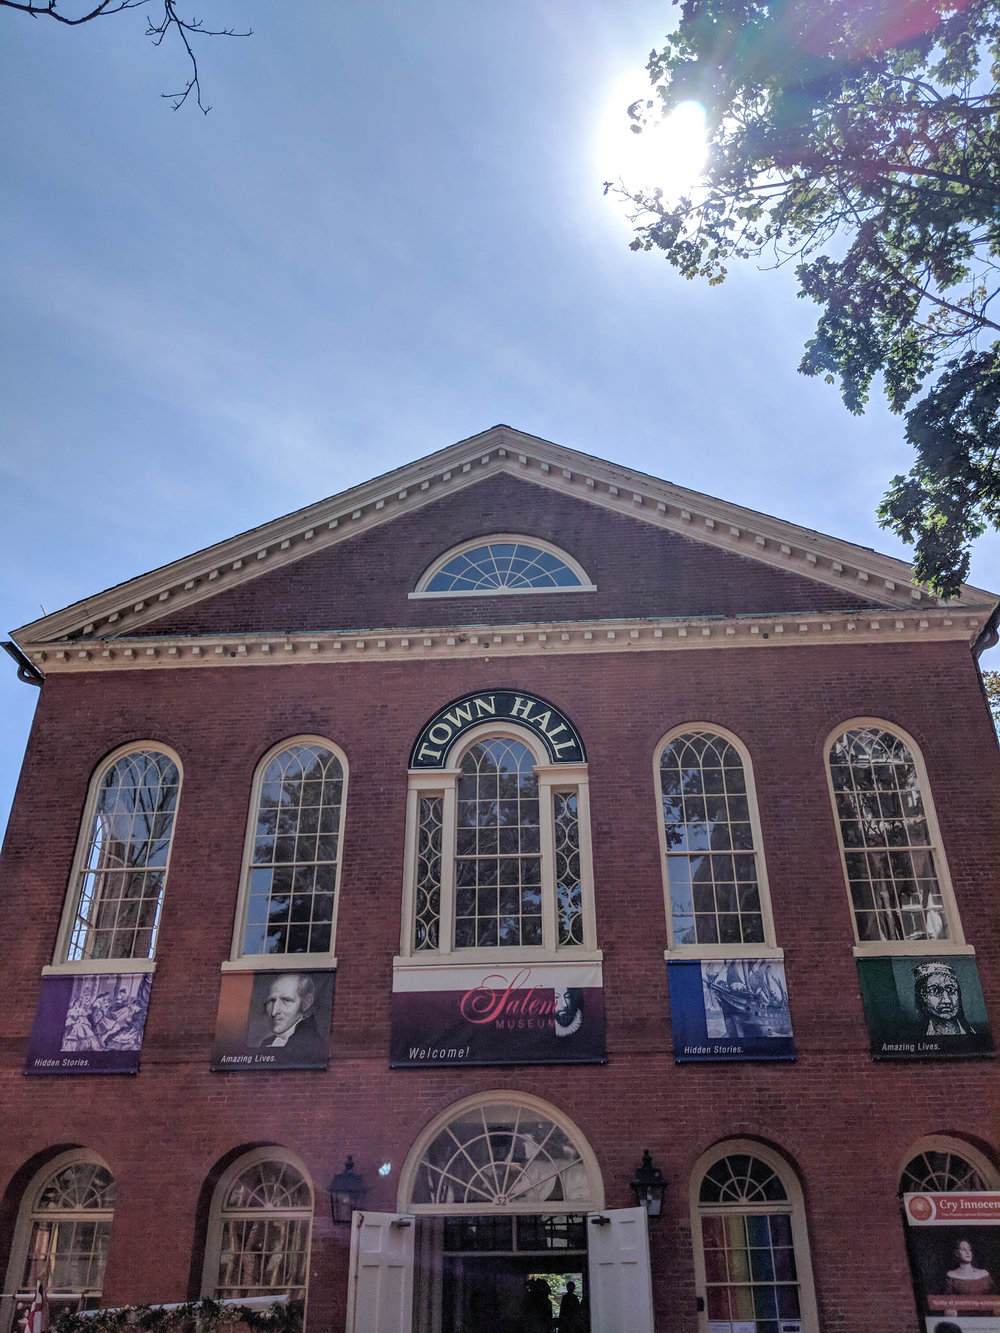 bri rinehart; photography; salem; town hall